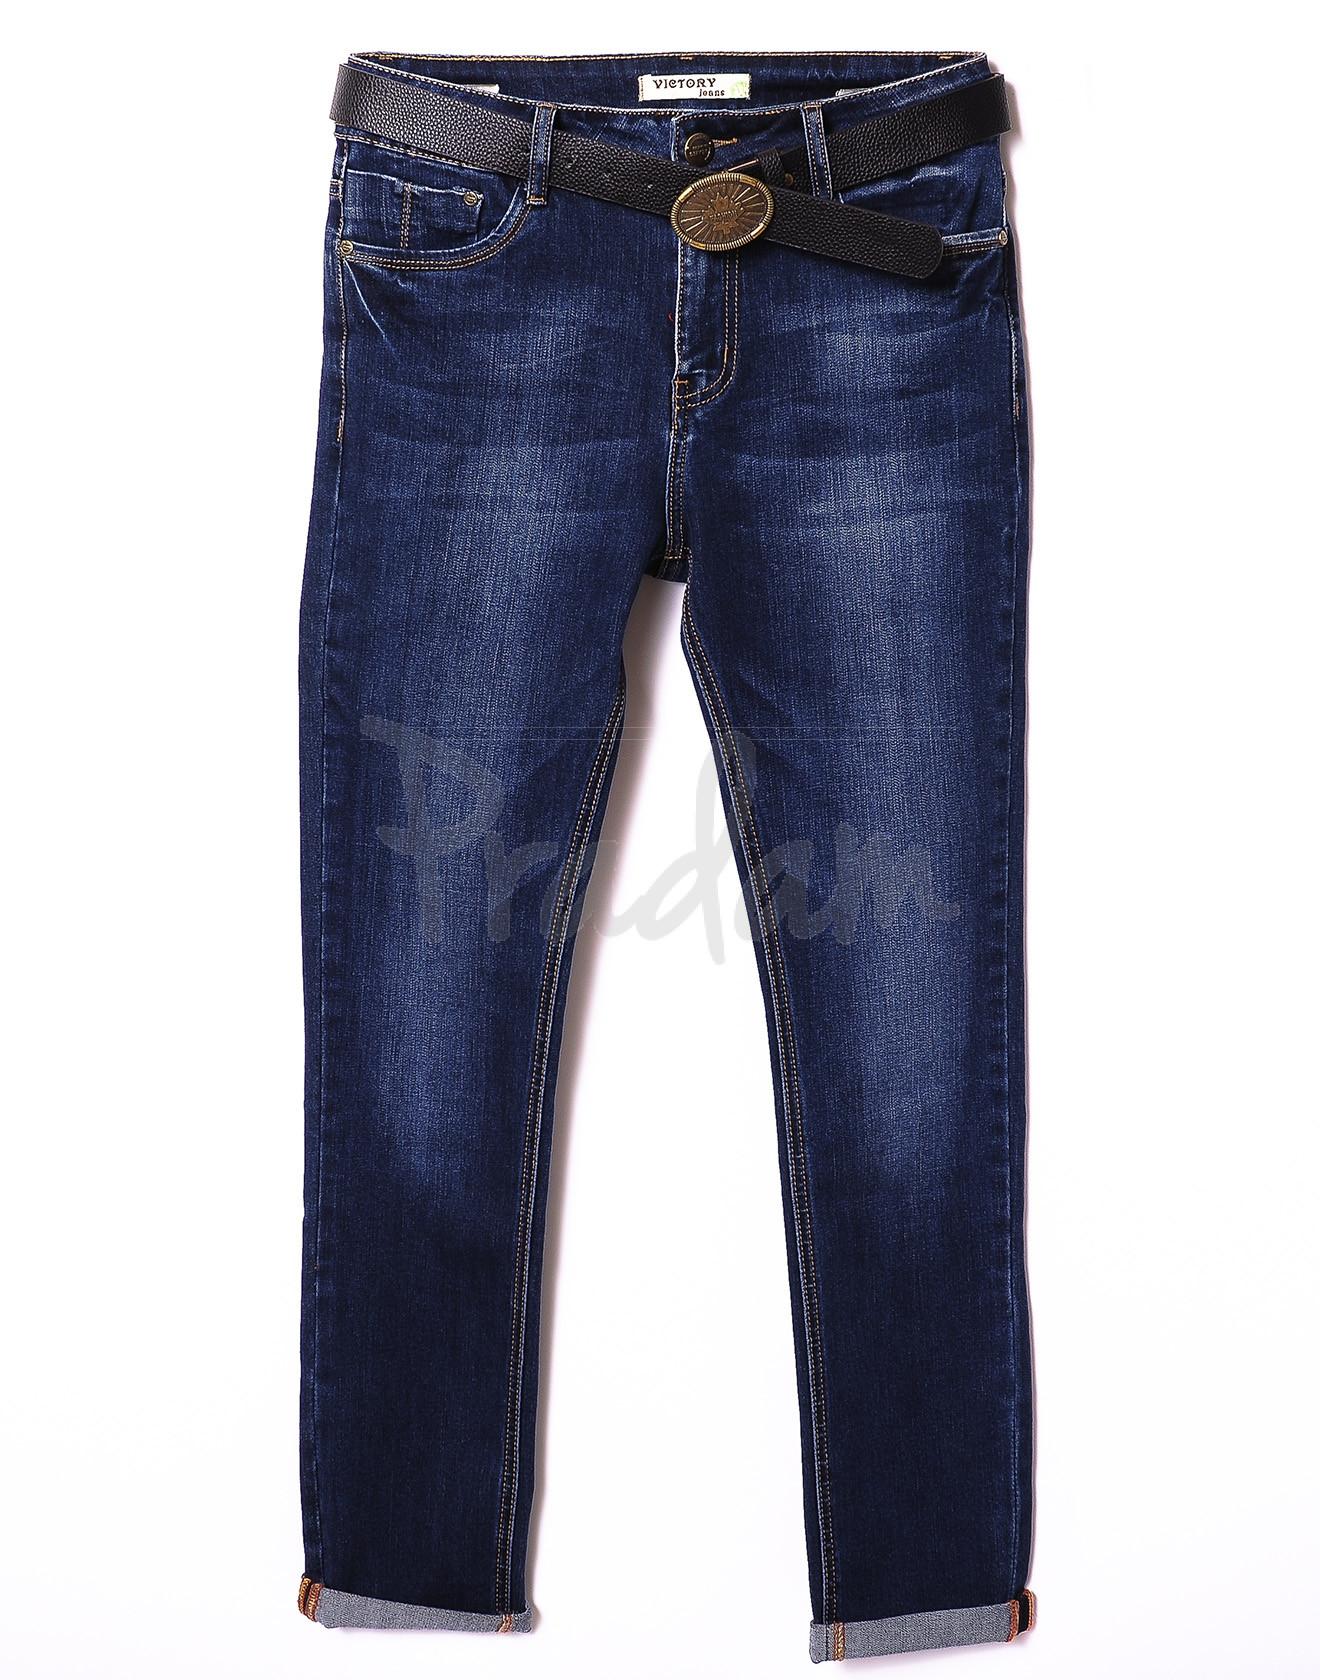 8048-3 Victory (30-36, батал 6 ед.) джинсы женские весенние стрейчевые